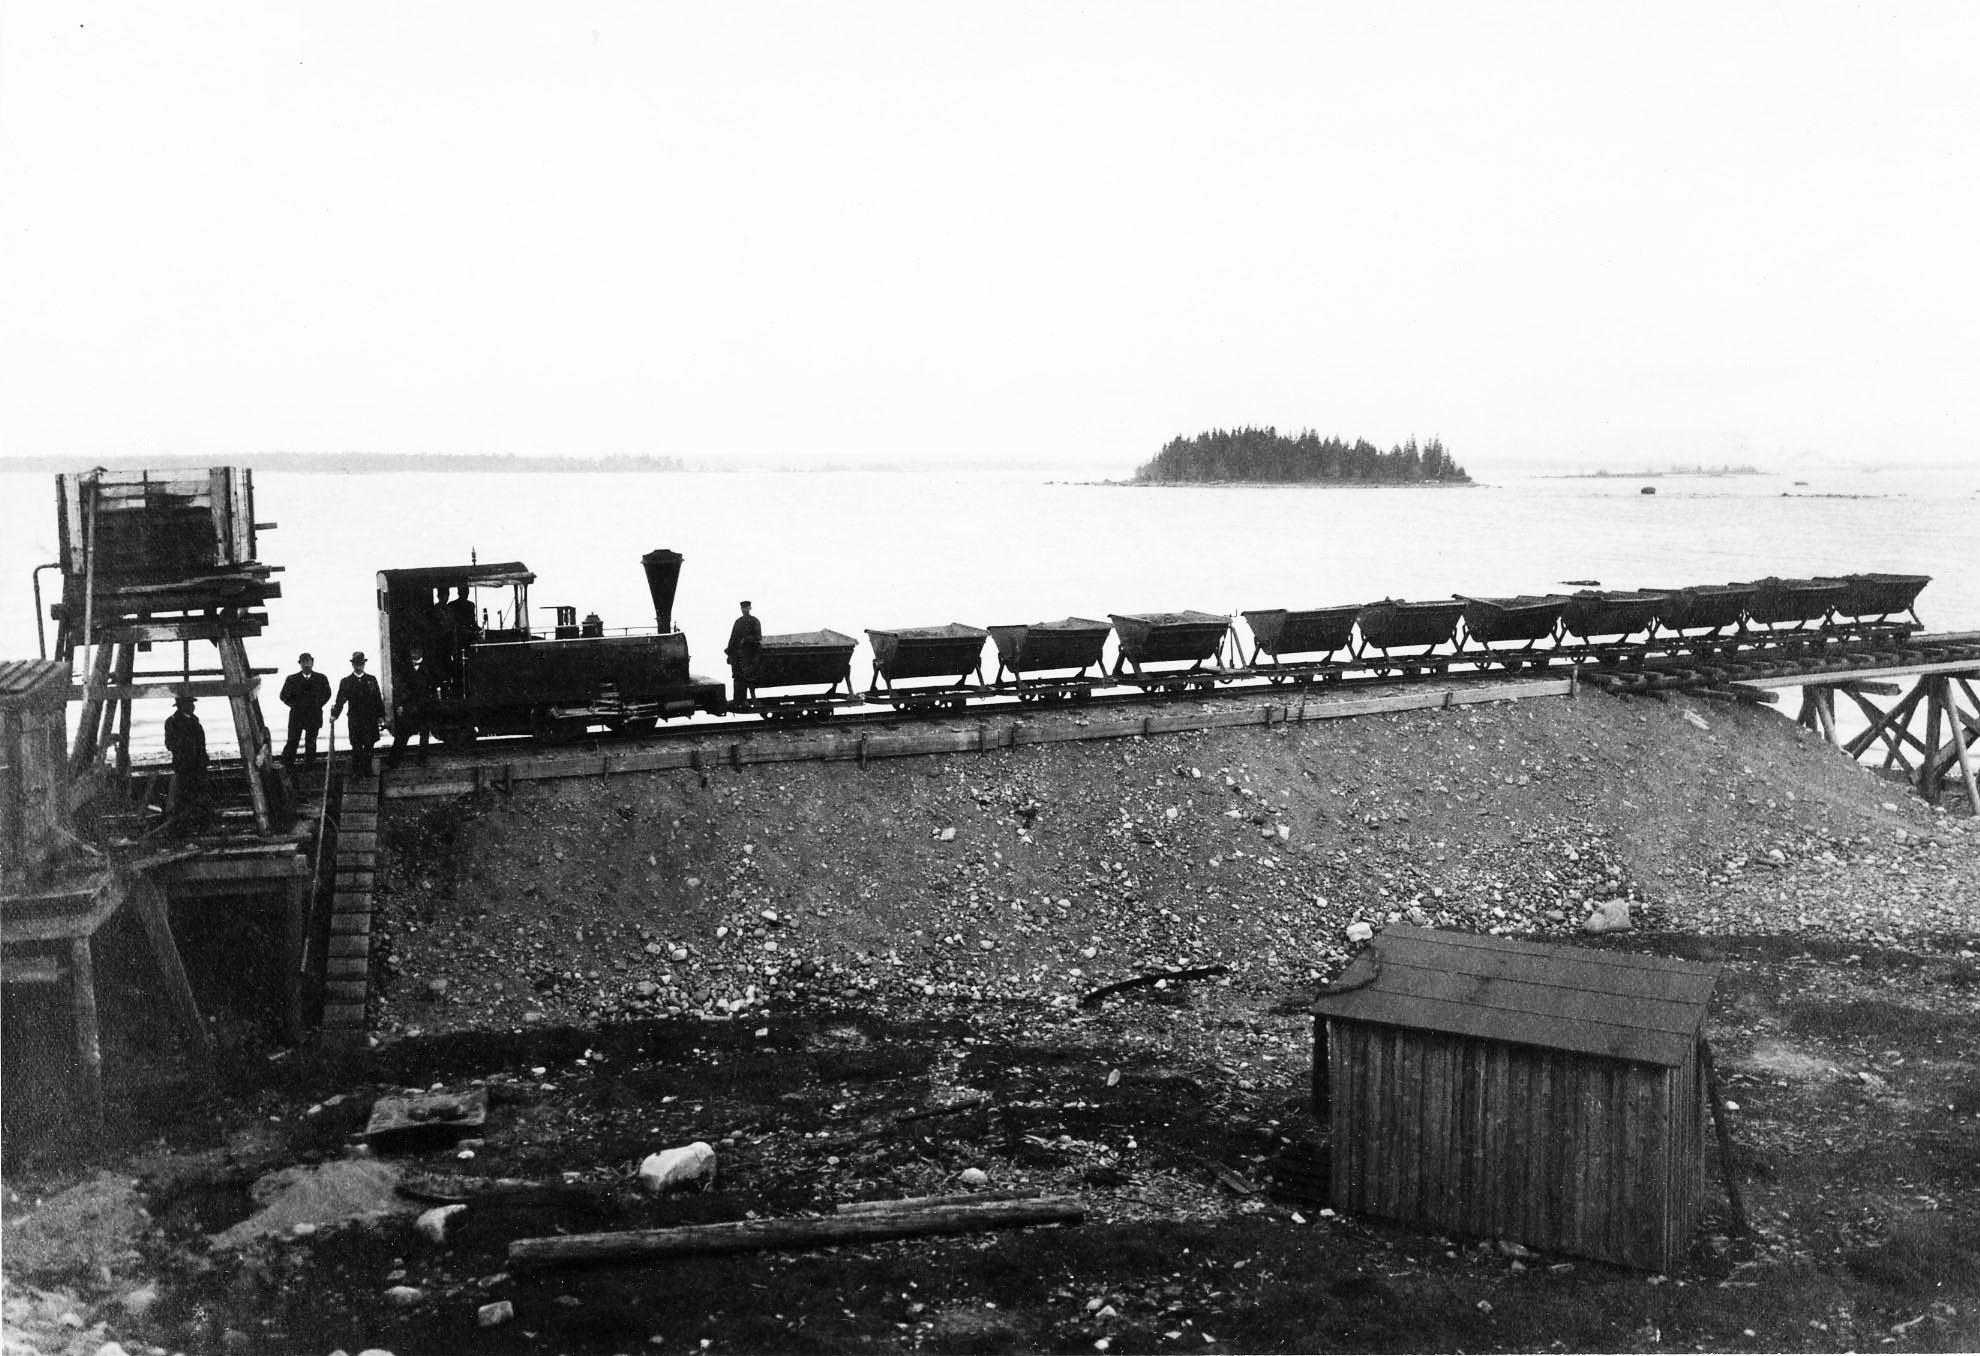 © Järnvägsmuseet, Jan Ericsson berättar om några märkliga industrilok i och kring Gävle